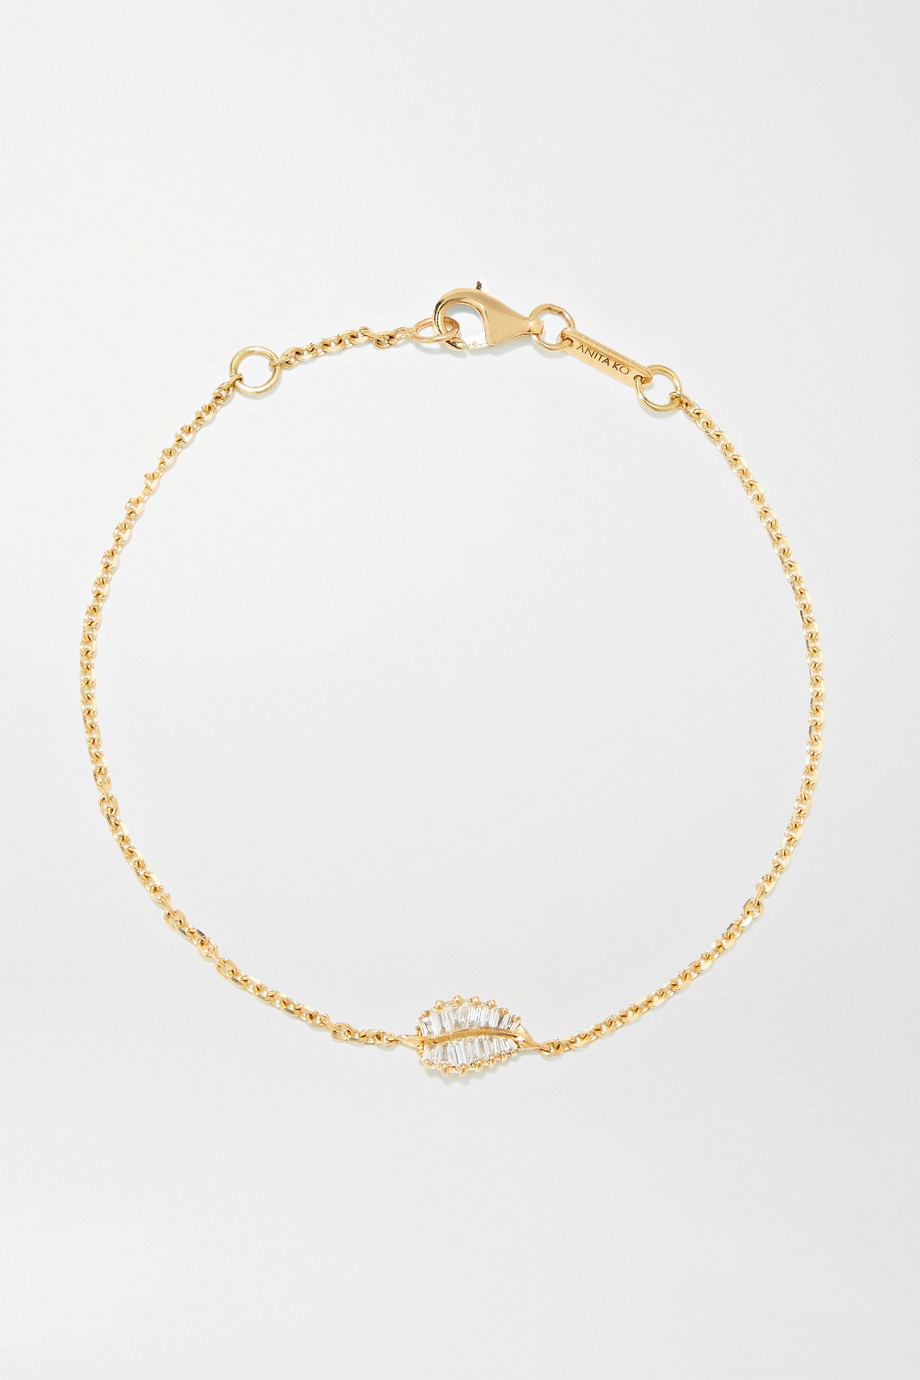 Anita Ko Palm Leaf Armband aus 18 Karat Gold mit Diamanten